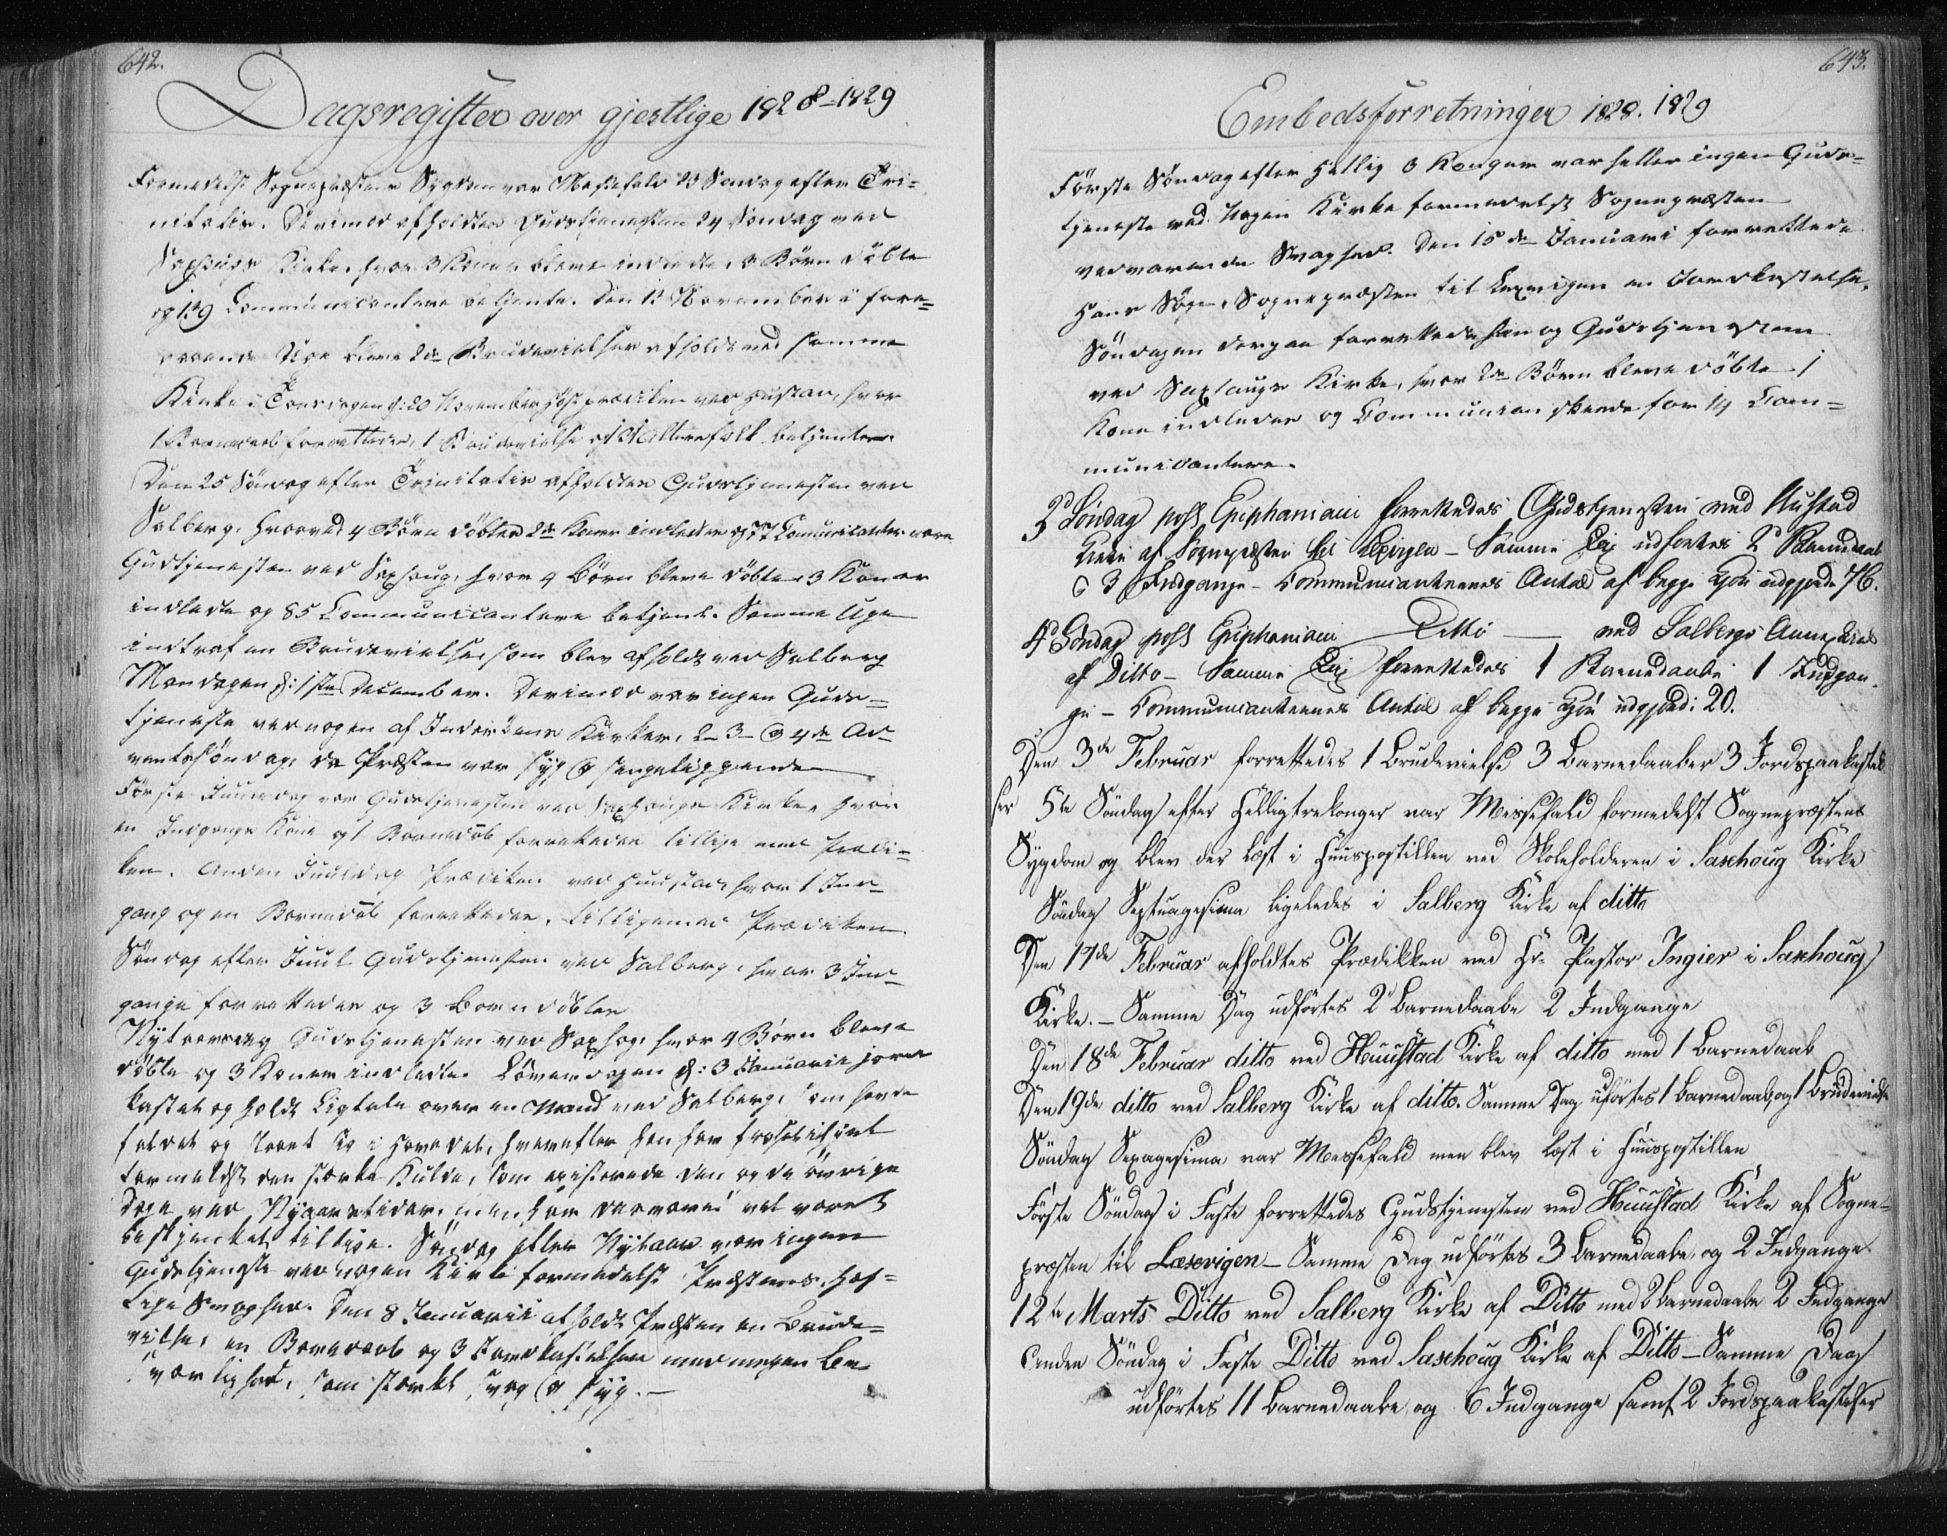 SAT, Ministerialprotokoller, klokkerbøker og fødselsregistre - Nord-Trøndelag, 730/L0276: Ministerialbok nr. 730A05, 1822-1830, s. 642-643